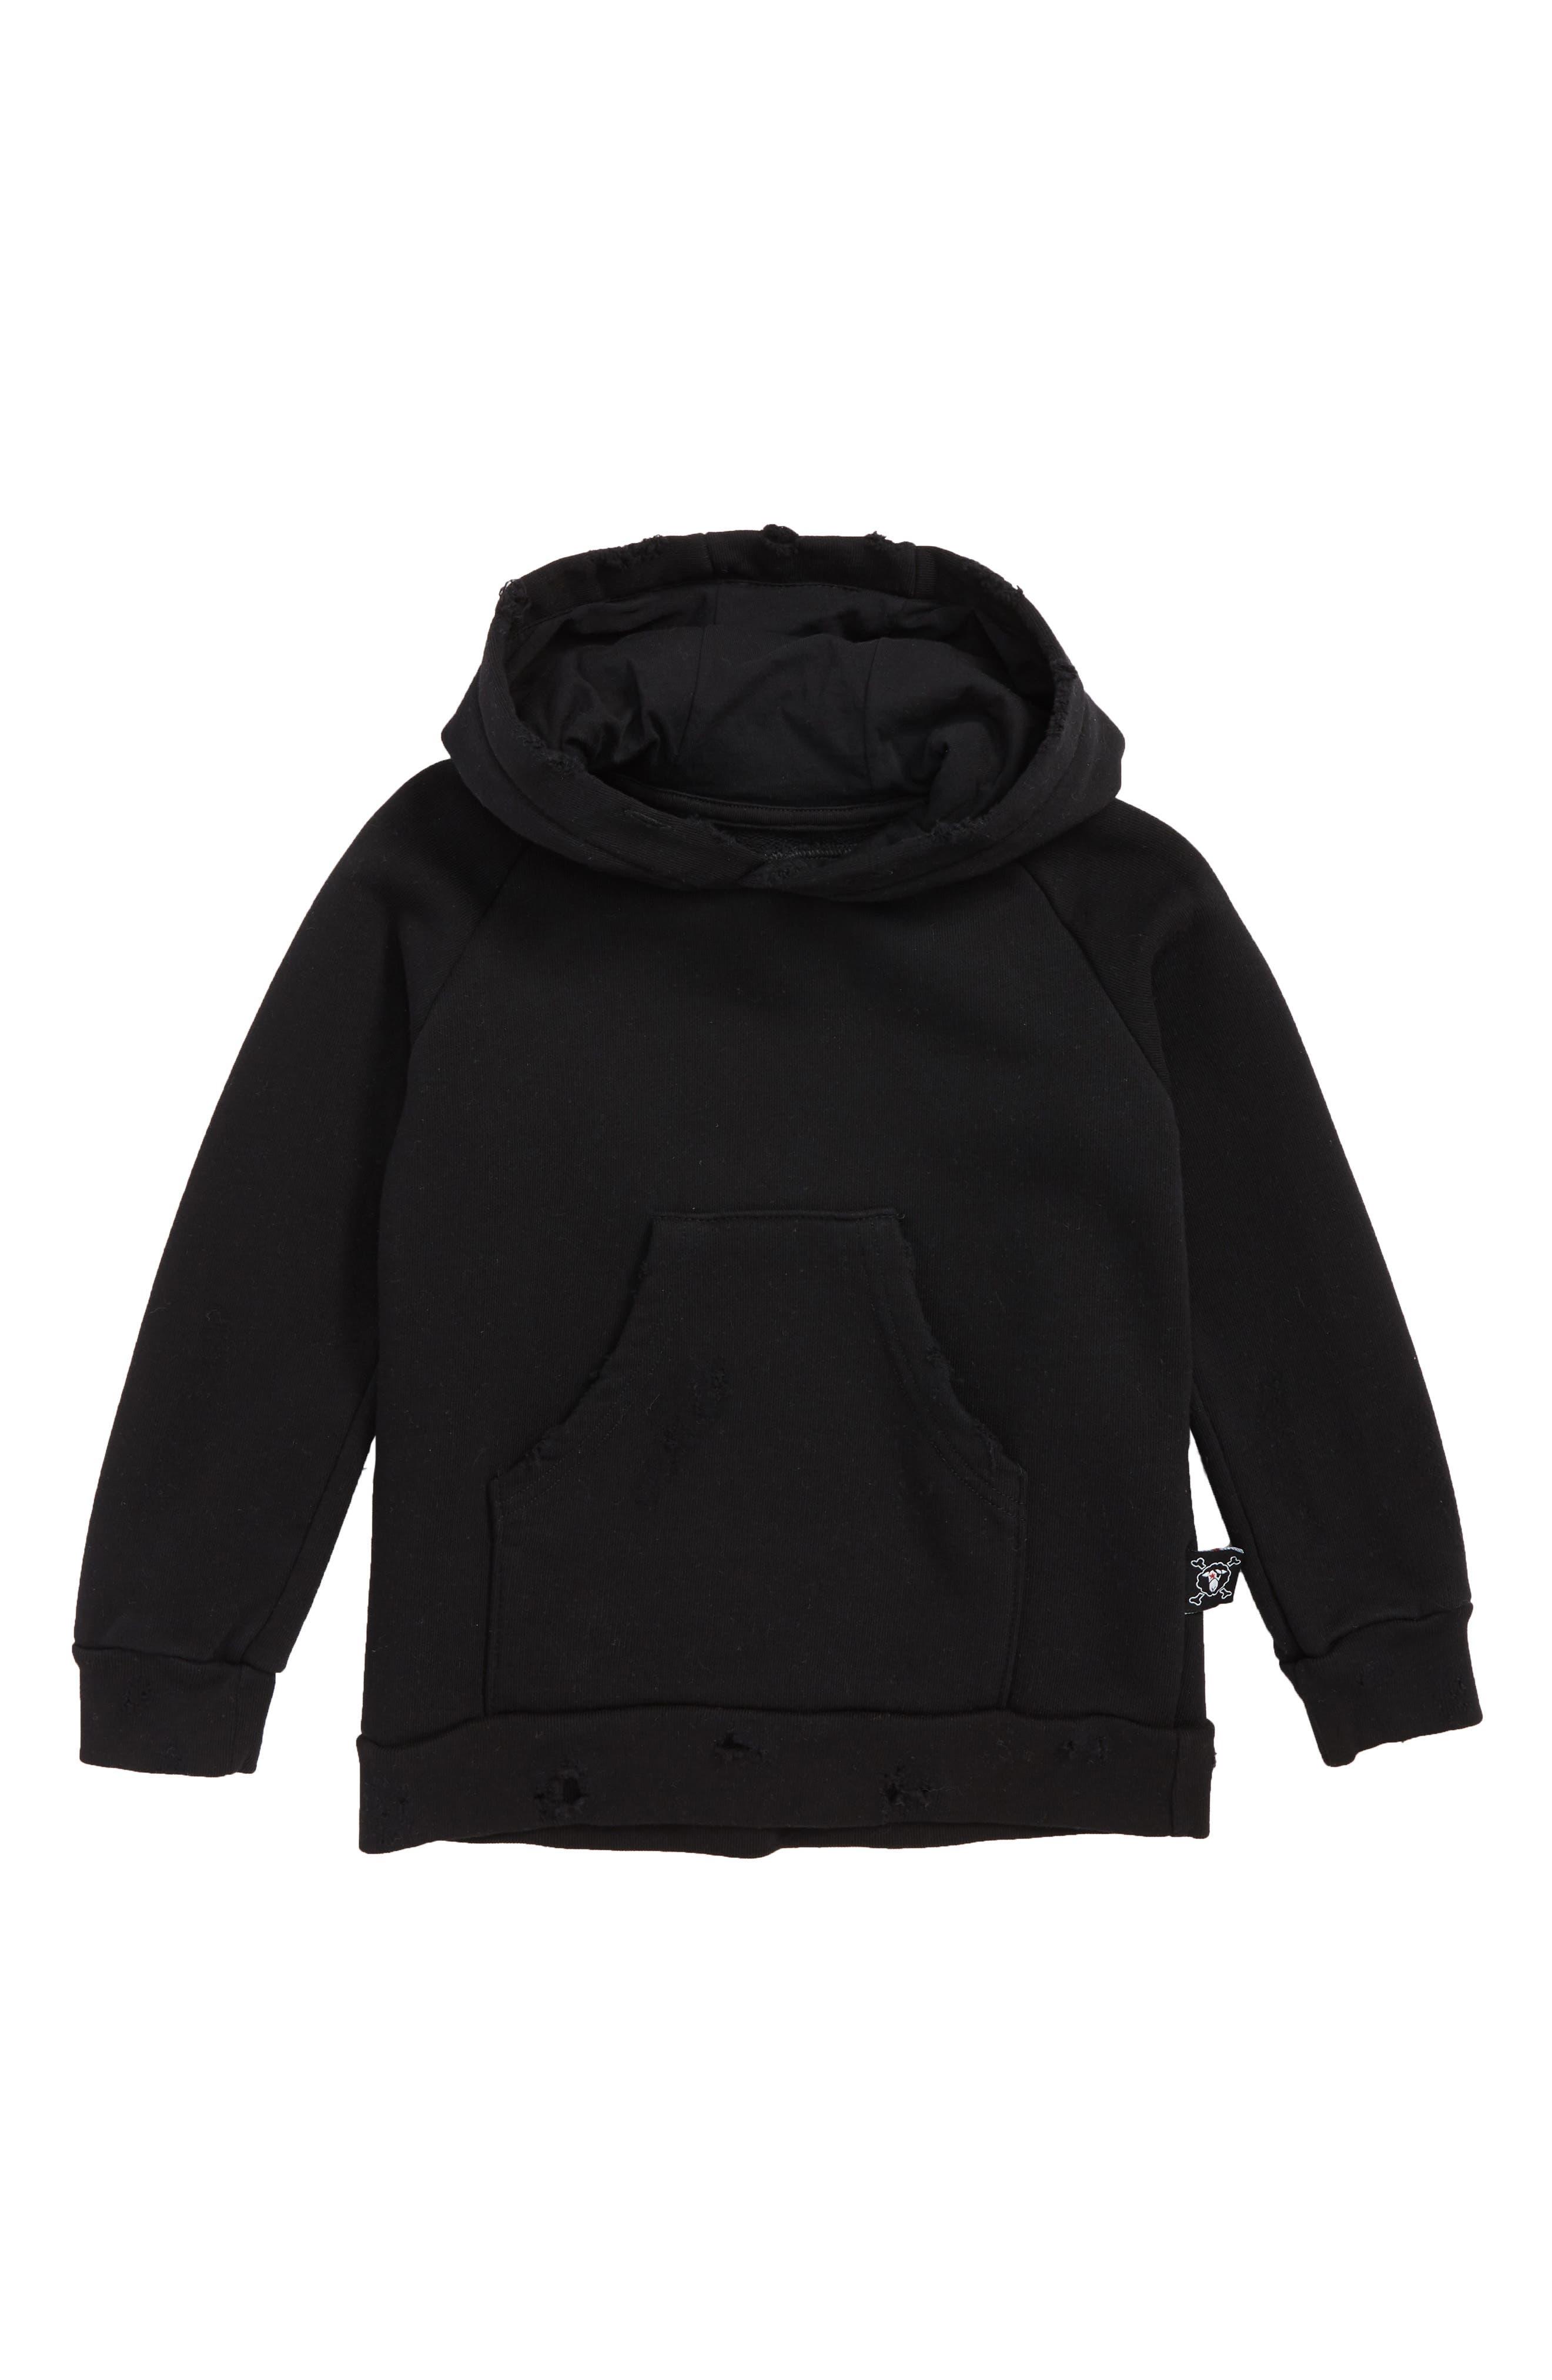 Torn Hoodie,                         Main,                         color, BLACK